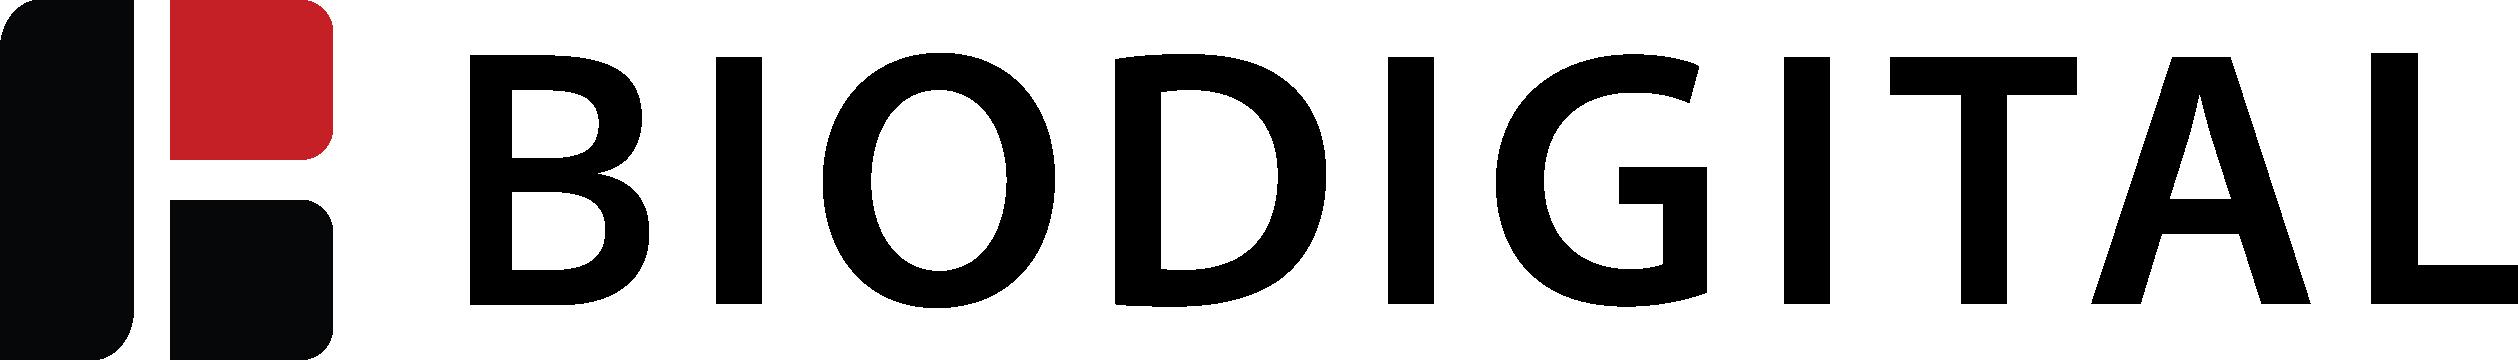 BioDigital logo